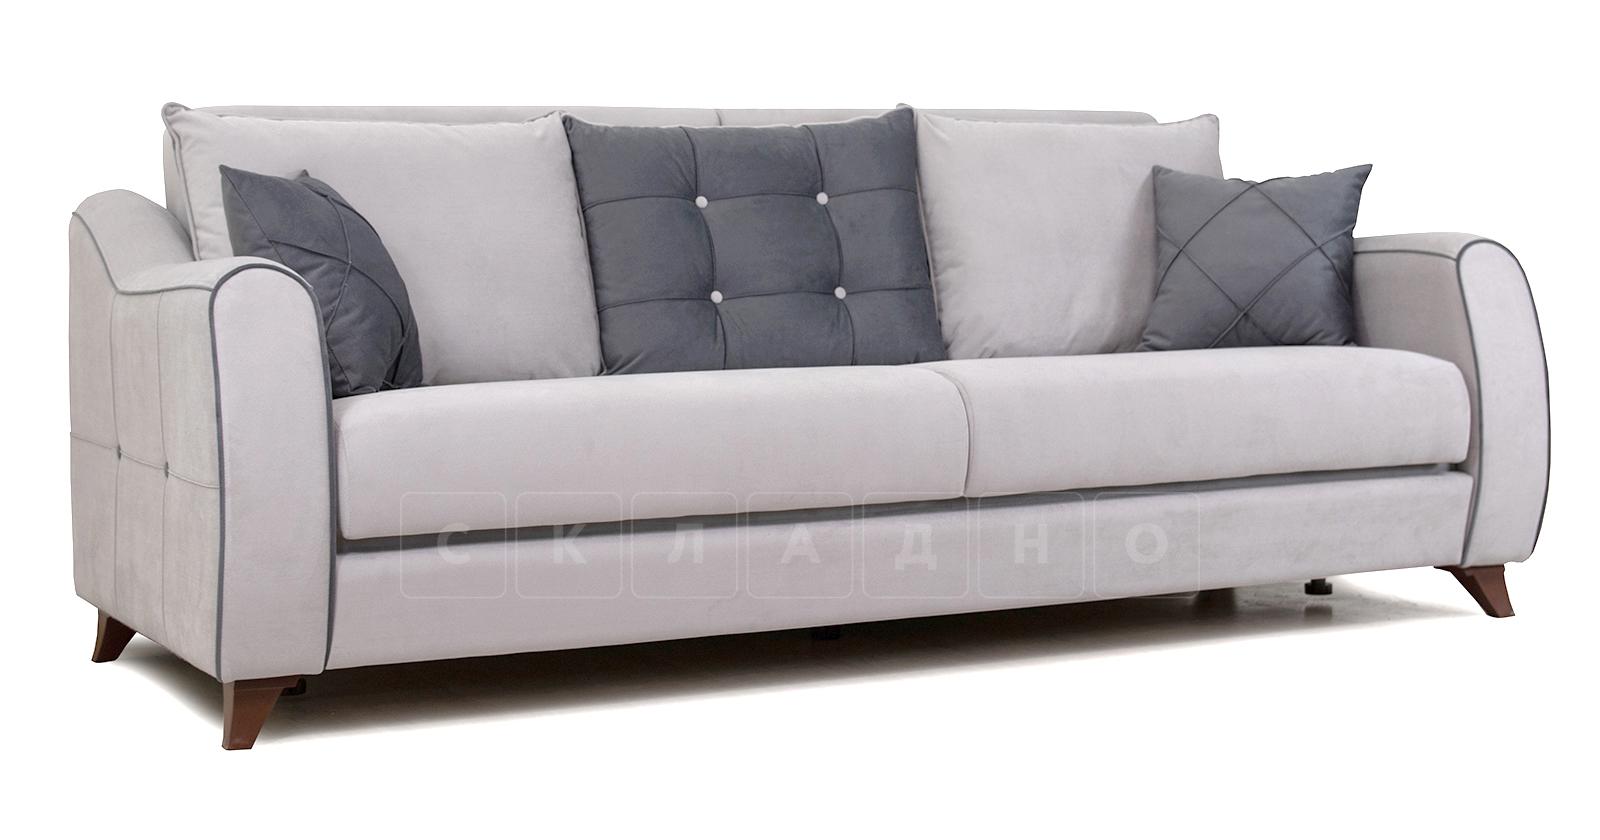 Диван-кровать Флэтфорд светло-серый фото 1 | интернет-магазин Складно